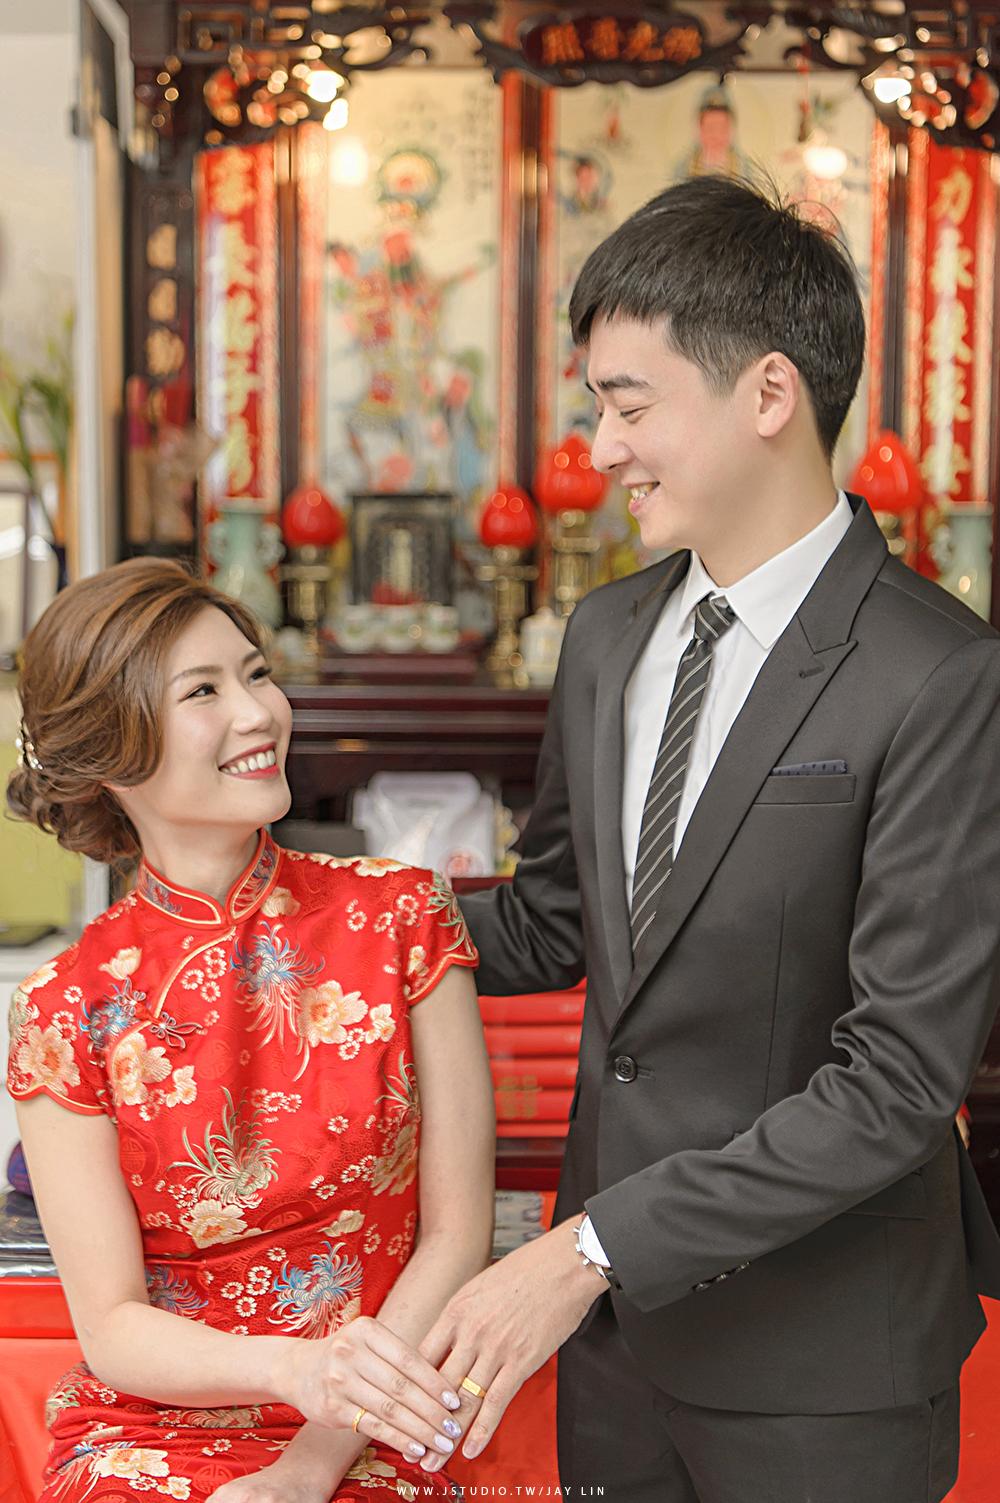 婚攝 台北婚攝 婚禮紀錄 婚攝 推薦婚攝 格萊天漾 JSTUDIO_0041